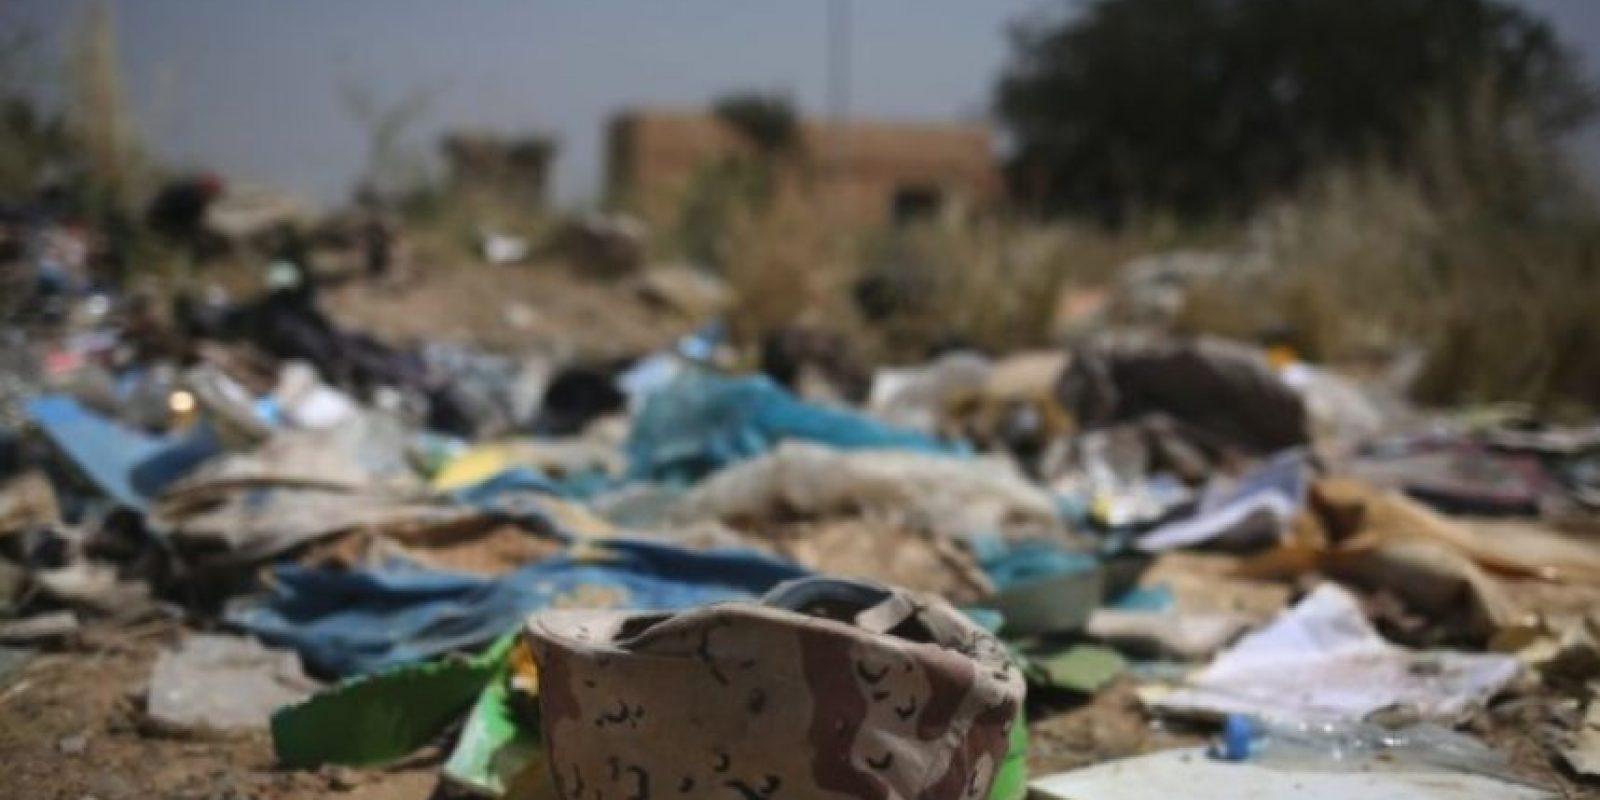 Miles de yizadies fueron asesinados y los sobrevivientes tuvieron que escapar al monte Sinjar Foto:Getty Images